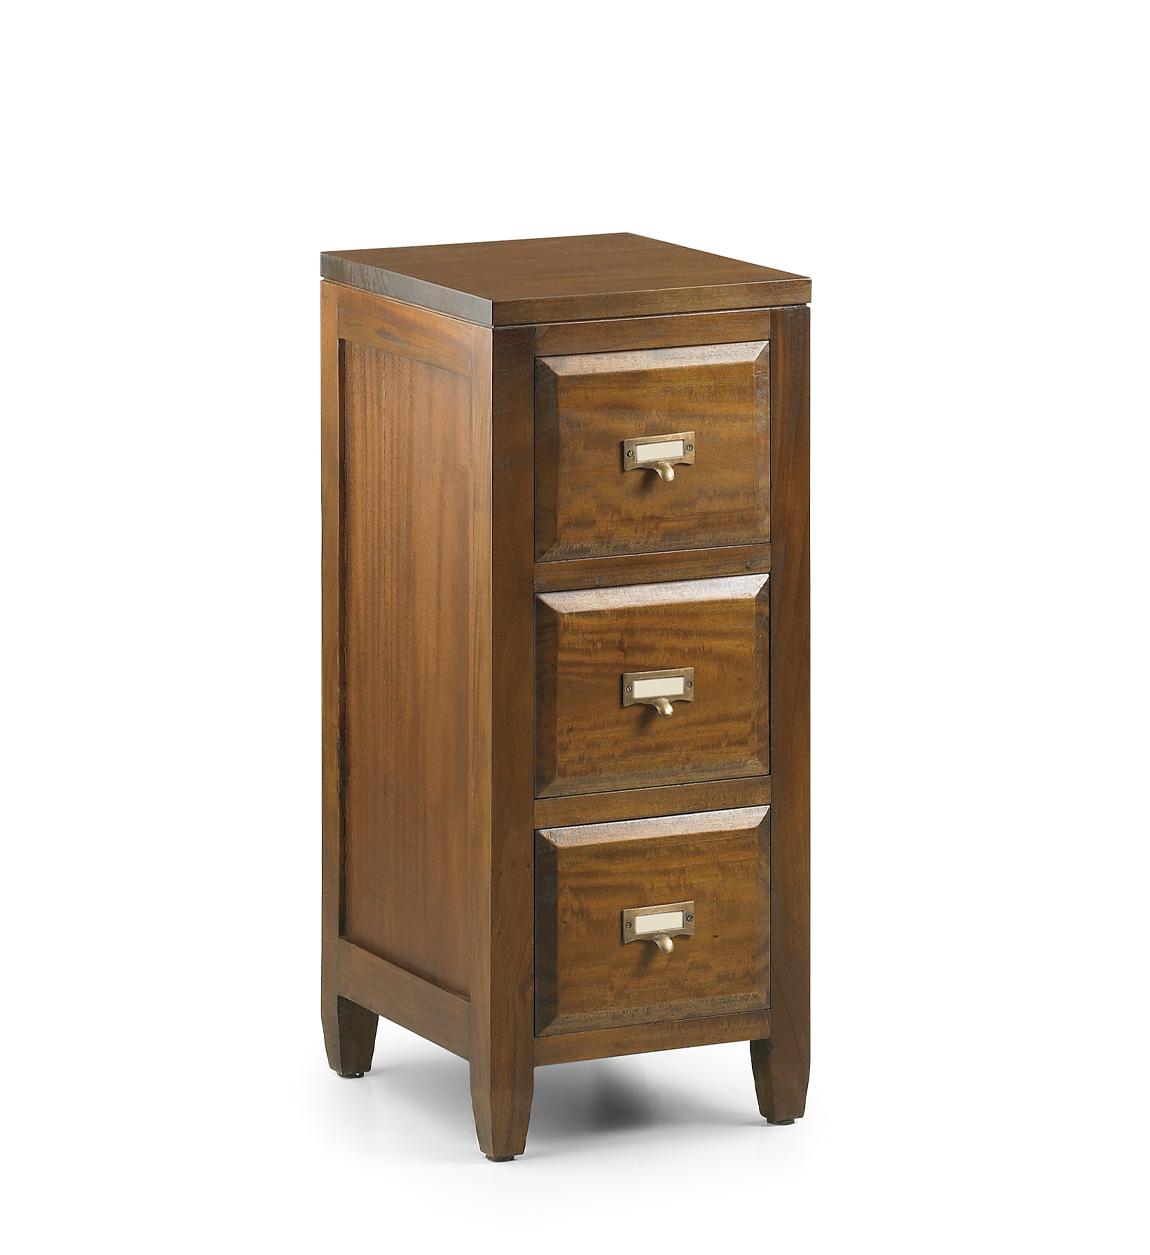 Table de chevet en bois marron L 30 cm